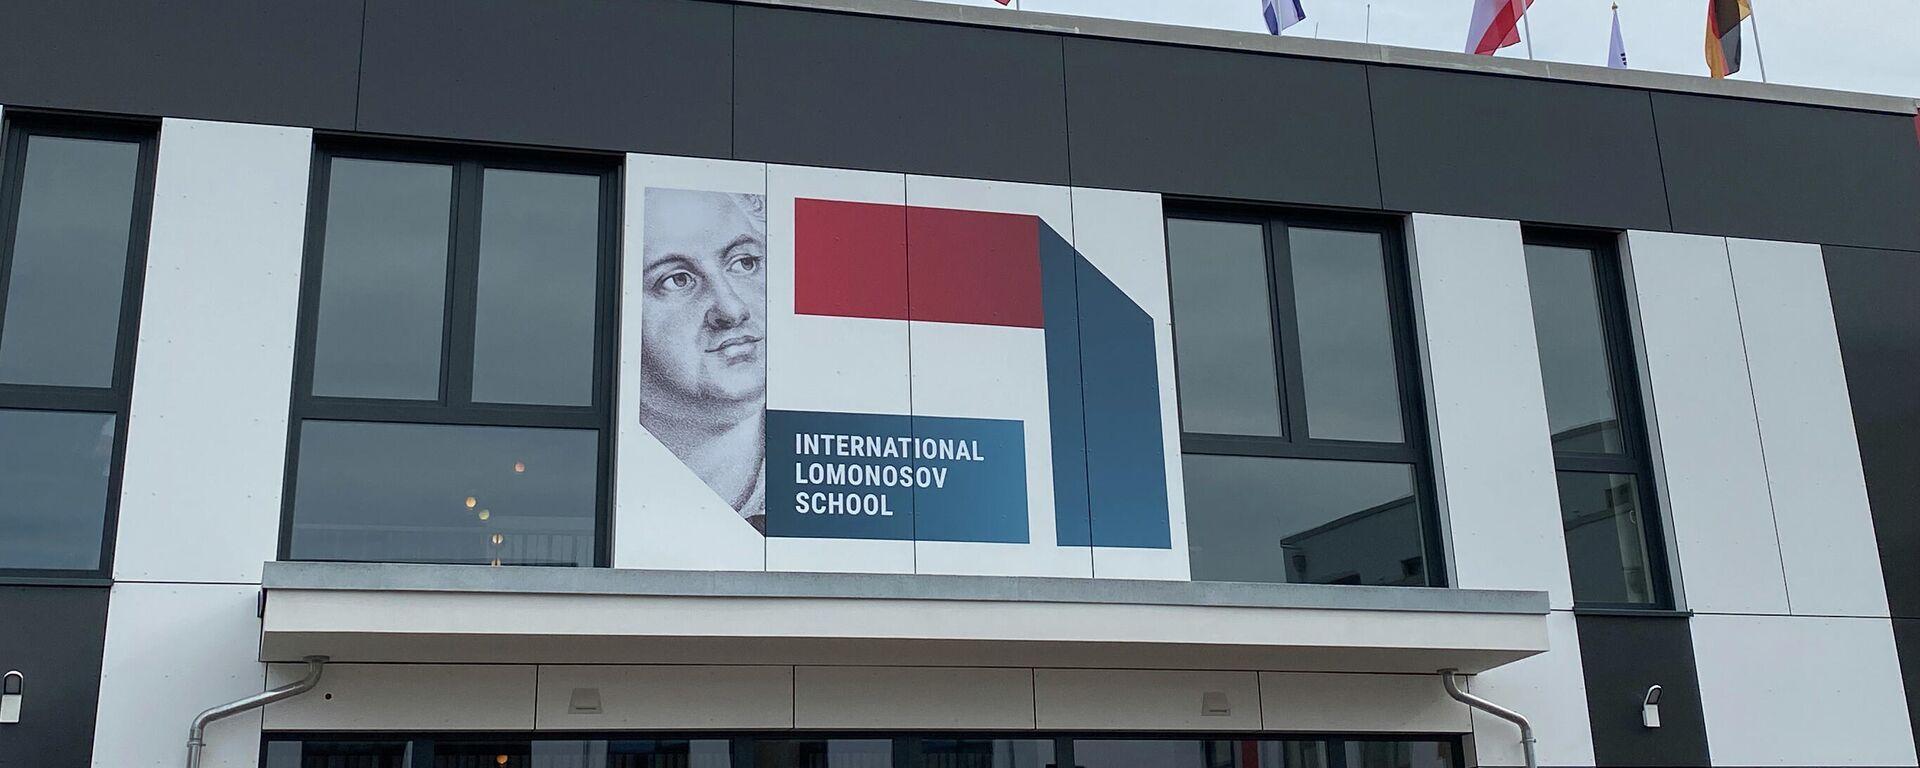 Die neue internationale Lomonossow-Schule in Berlin-Marzahn, den 9. August 2021.  - SNA, 1920, 09.08.2021